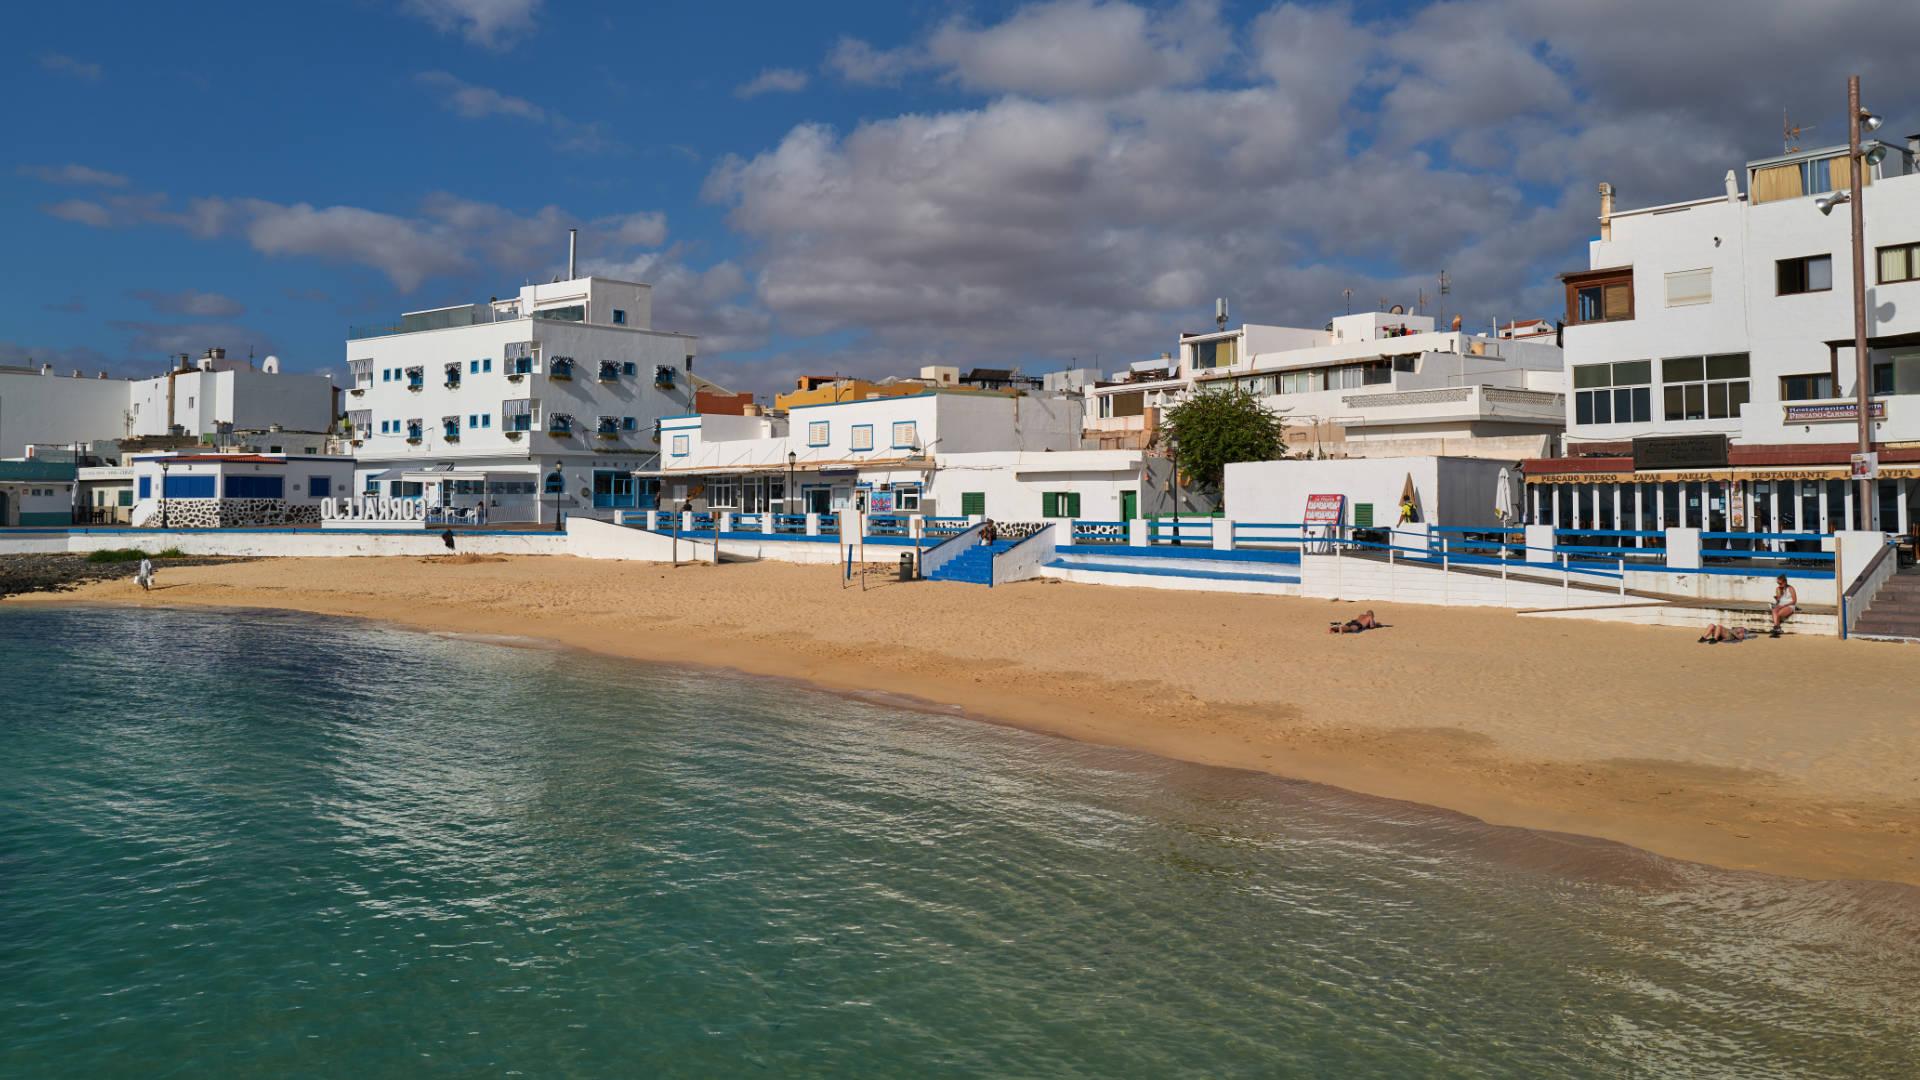 Playa de la Clavellina Corralejo Fuerteventura.